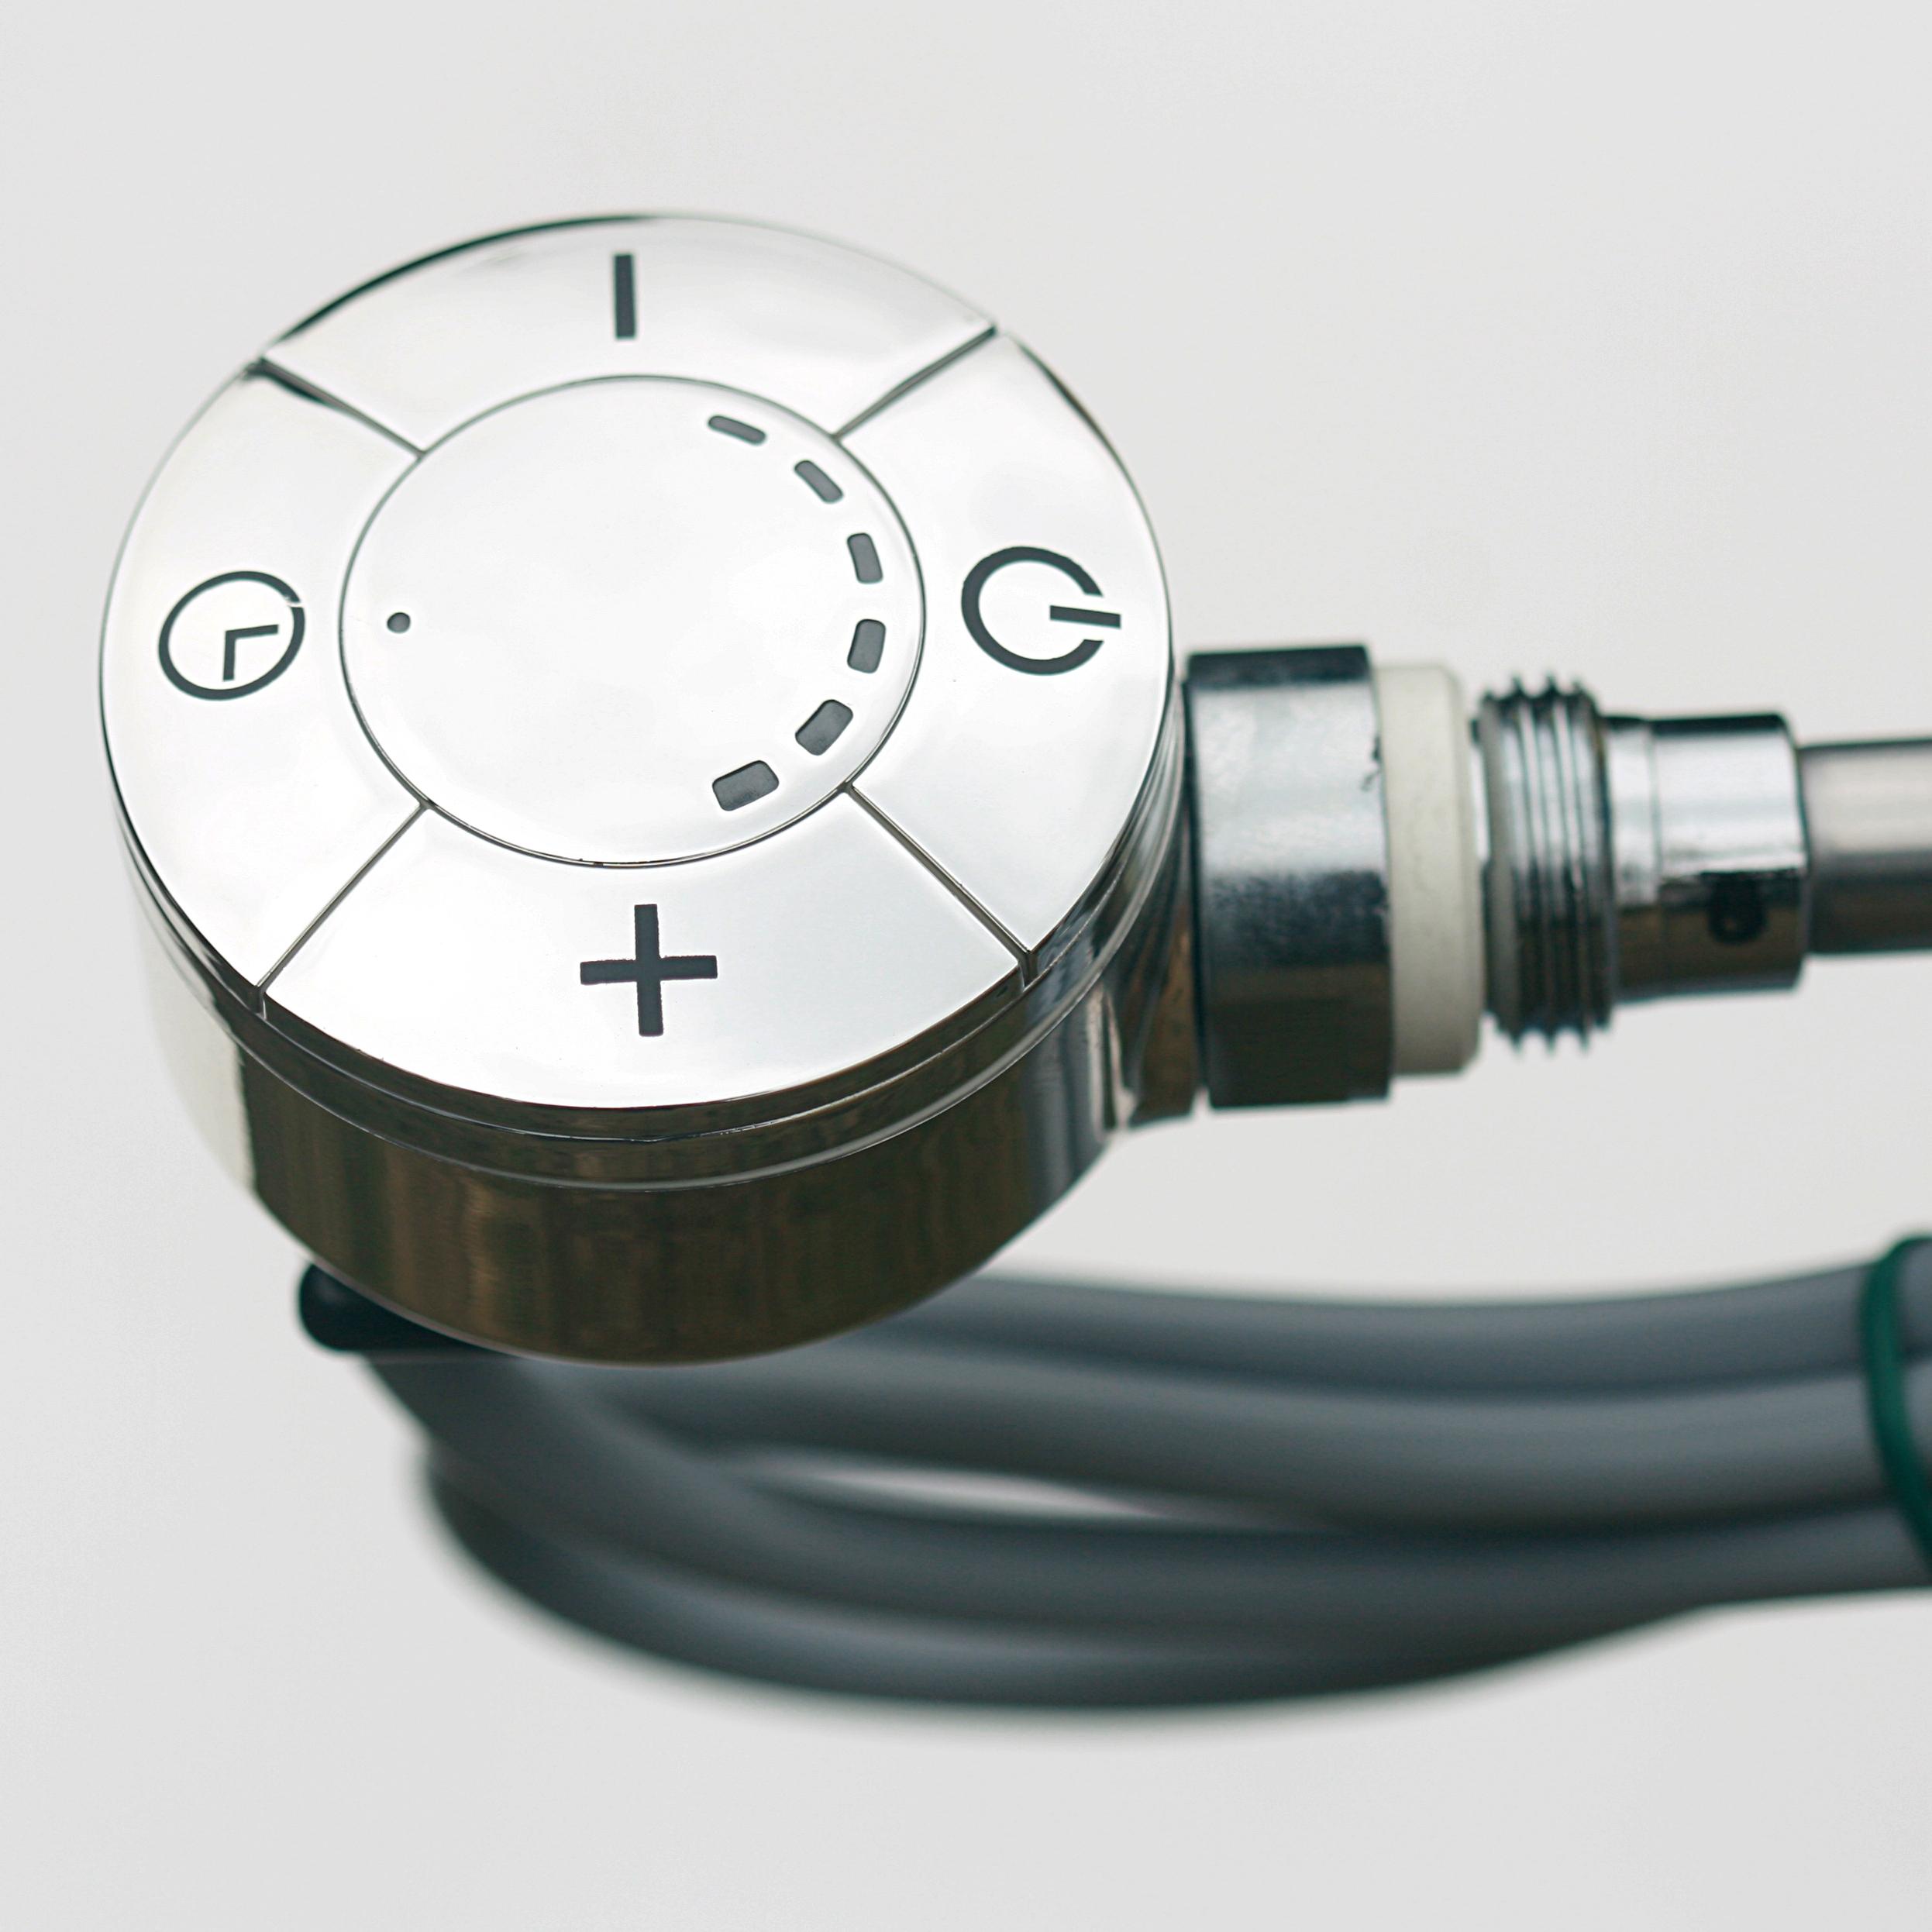 Selmo Elektrická topná tyč s regulací Smart Plus 300W Barva: Lesklý chrom